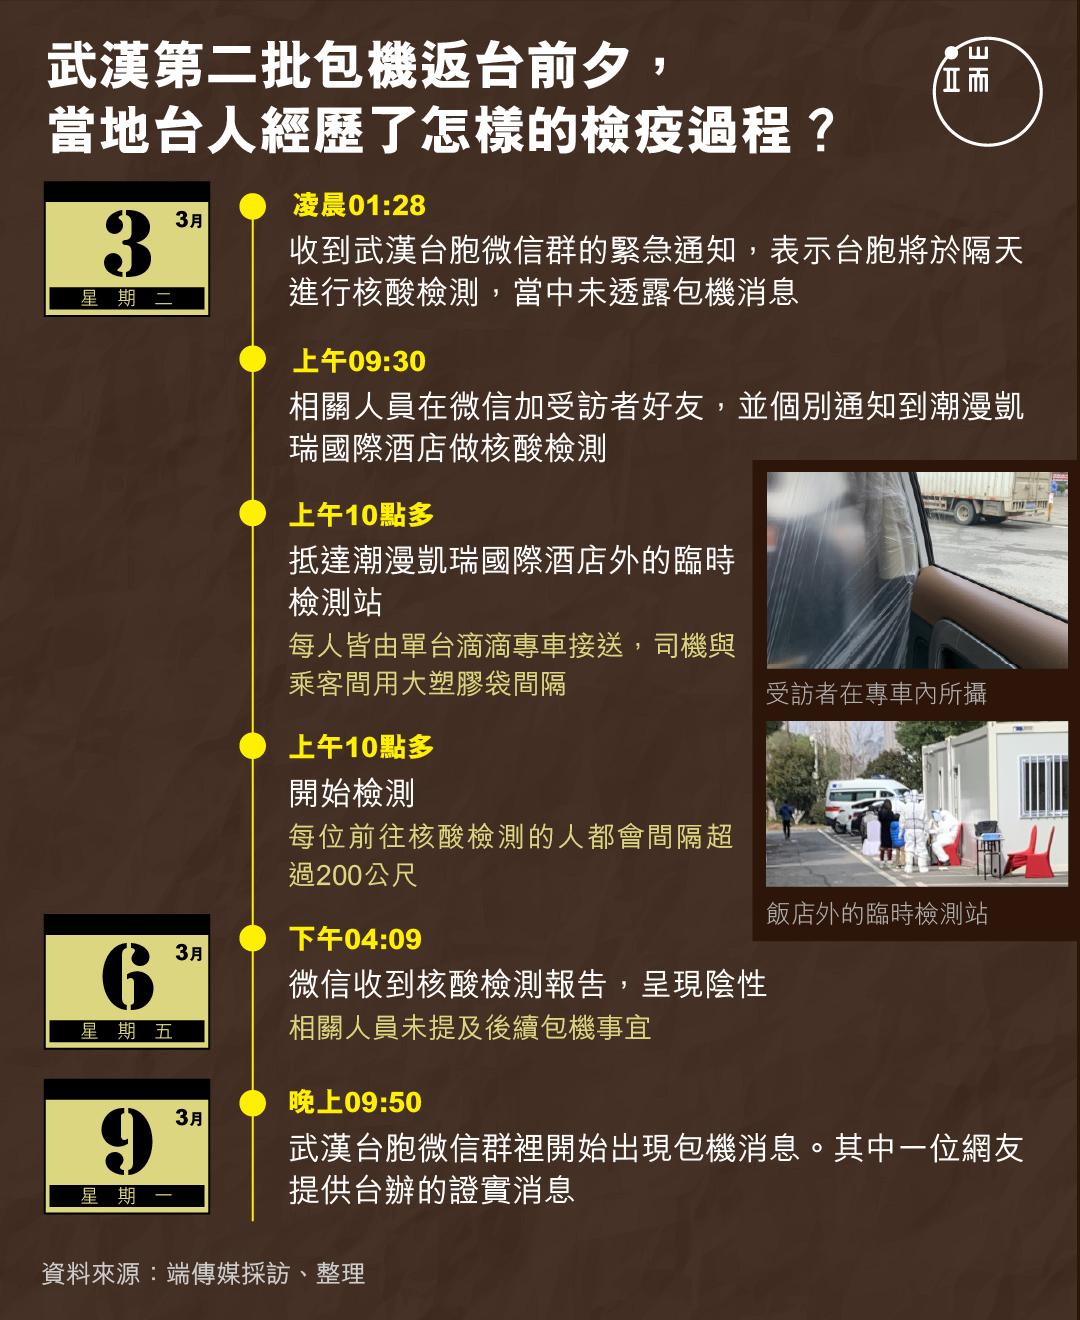 武漢第二批包機返台前夕,當地台人經歷了怎樣的檢疫過程?